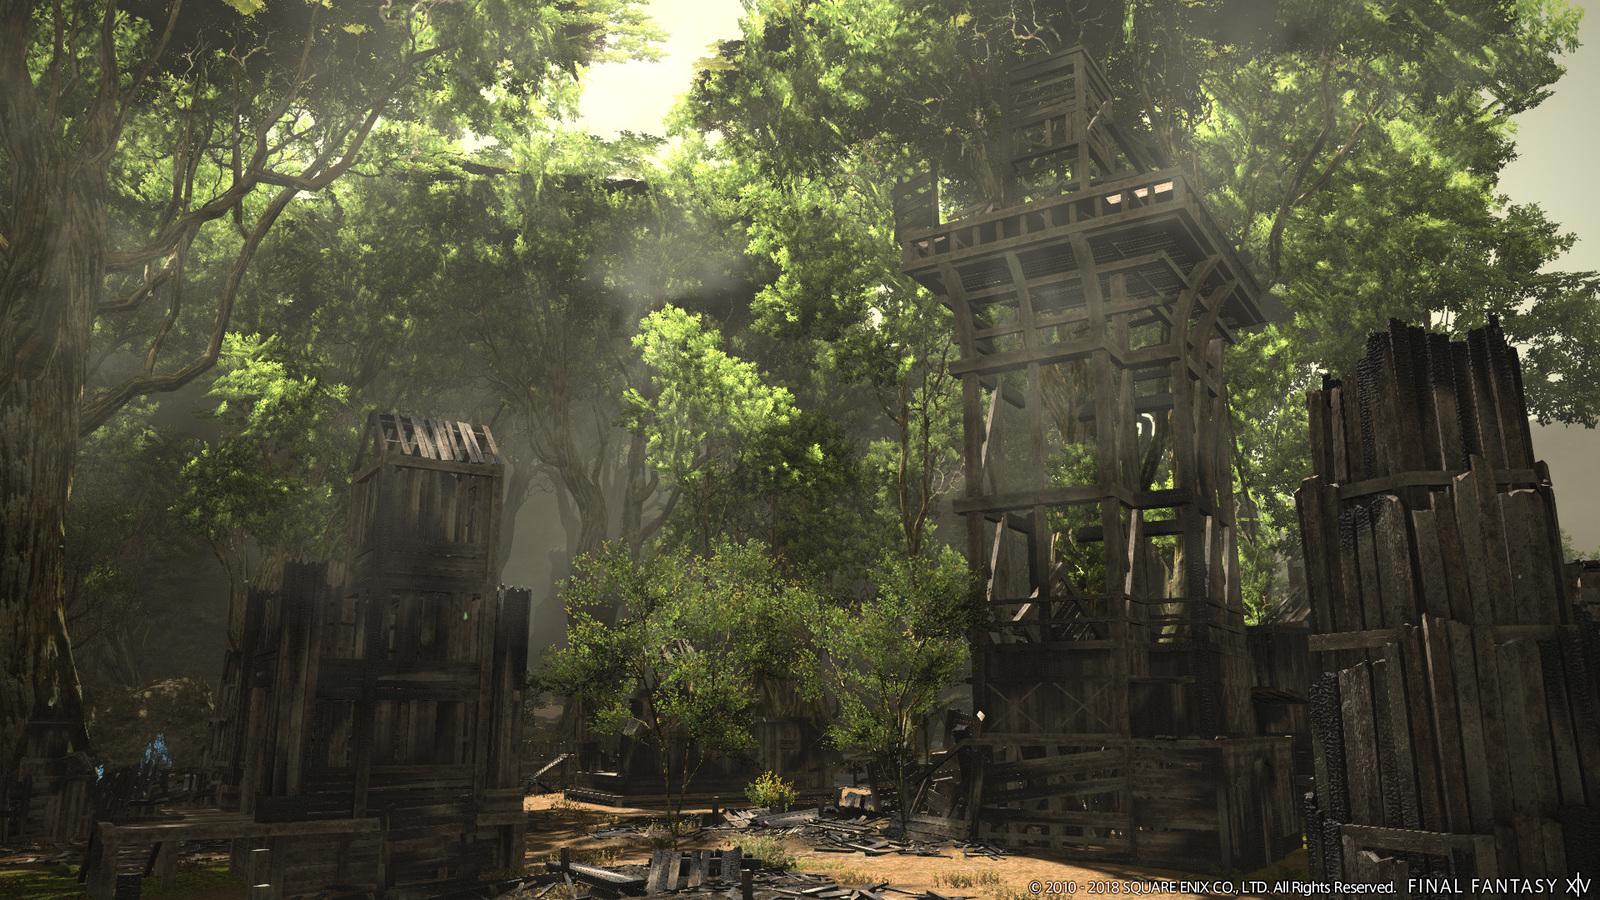 Final Fantasy XIV: Shadowbringers for PS4 image